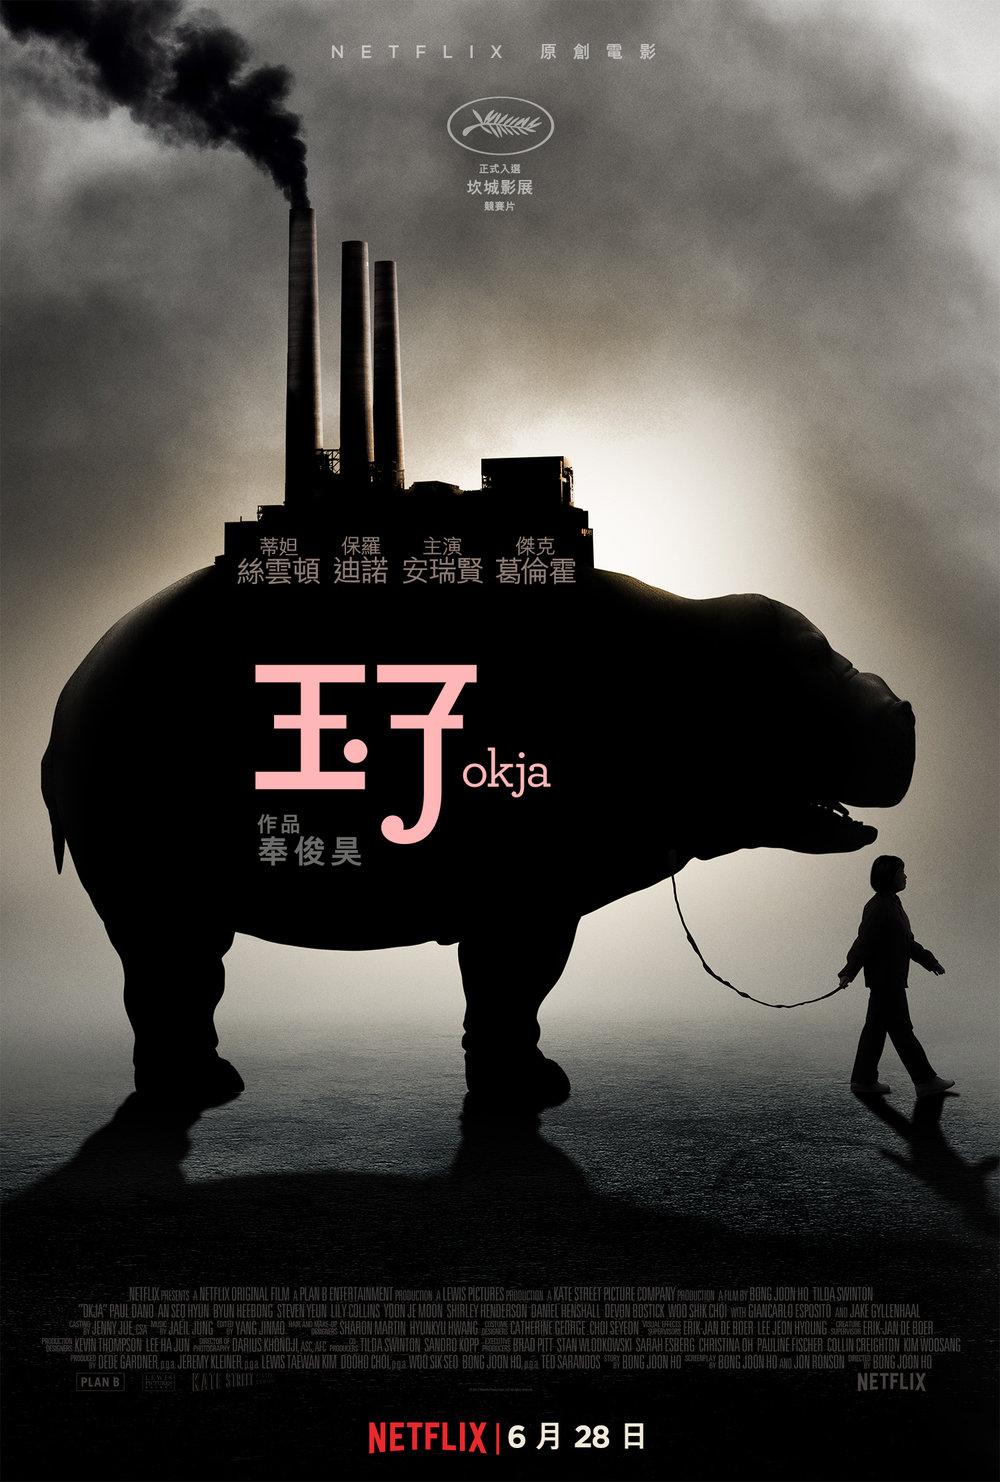 可愛巨豬?《韓流怪嚇》、《末世列車》導演奉俊昊新作《玉子》首段正式預告片曝光!!